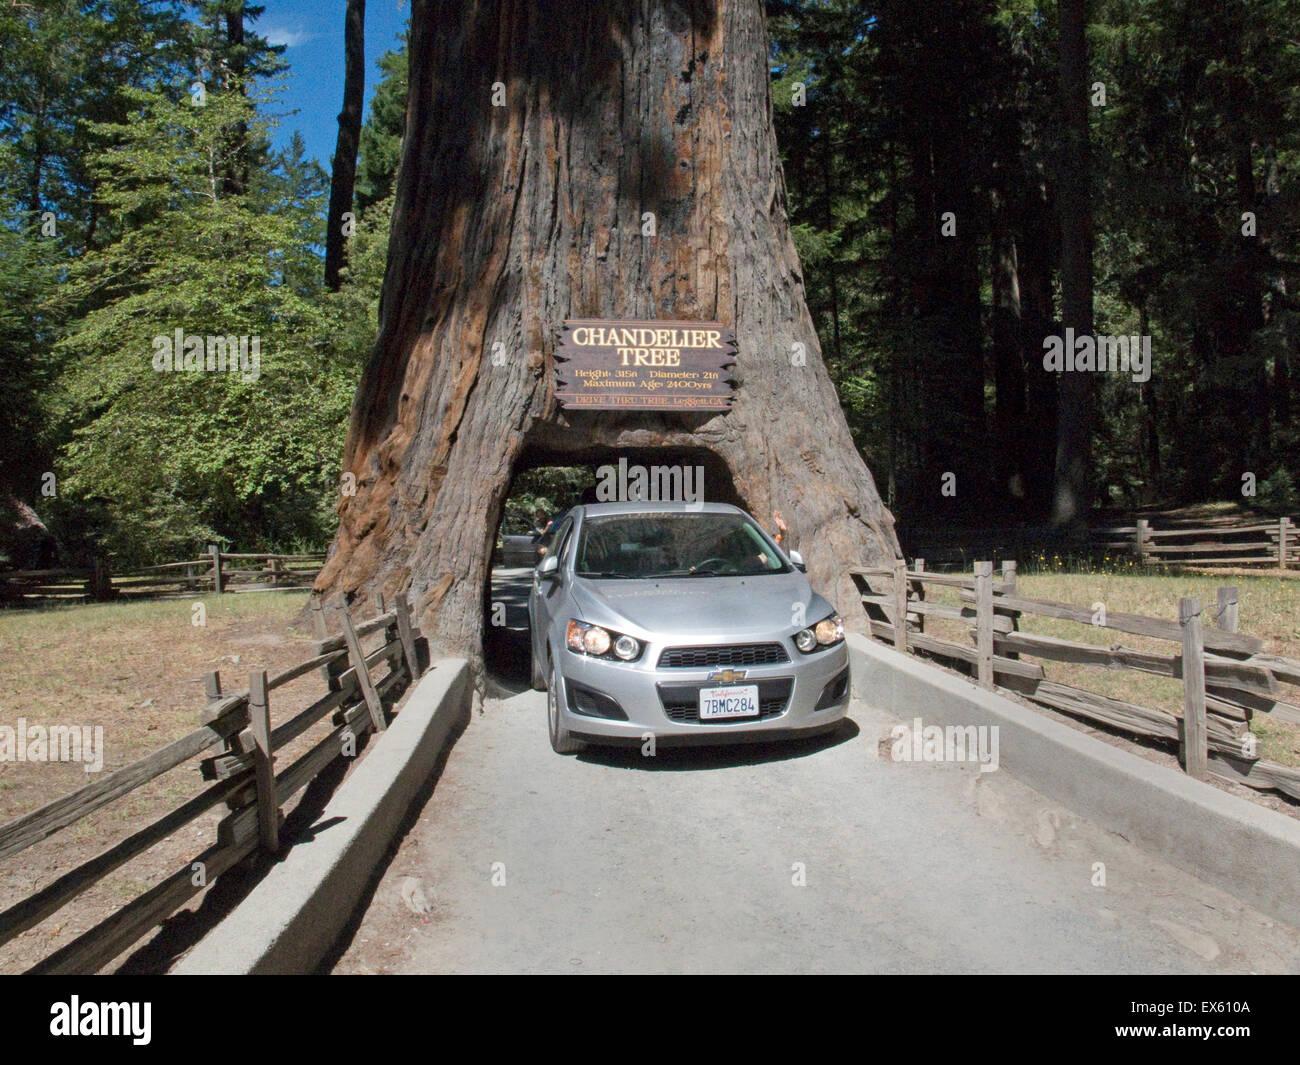 Leggett, California. Chandelier Tree in Drive-Thru Tree Park, a ...